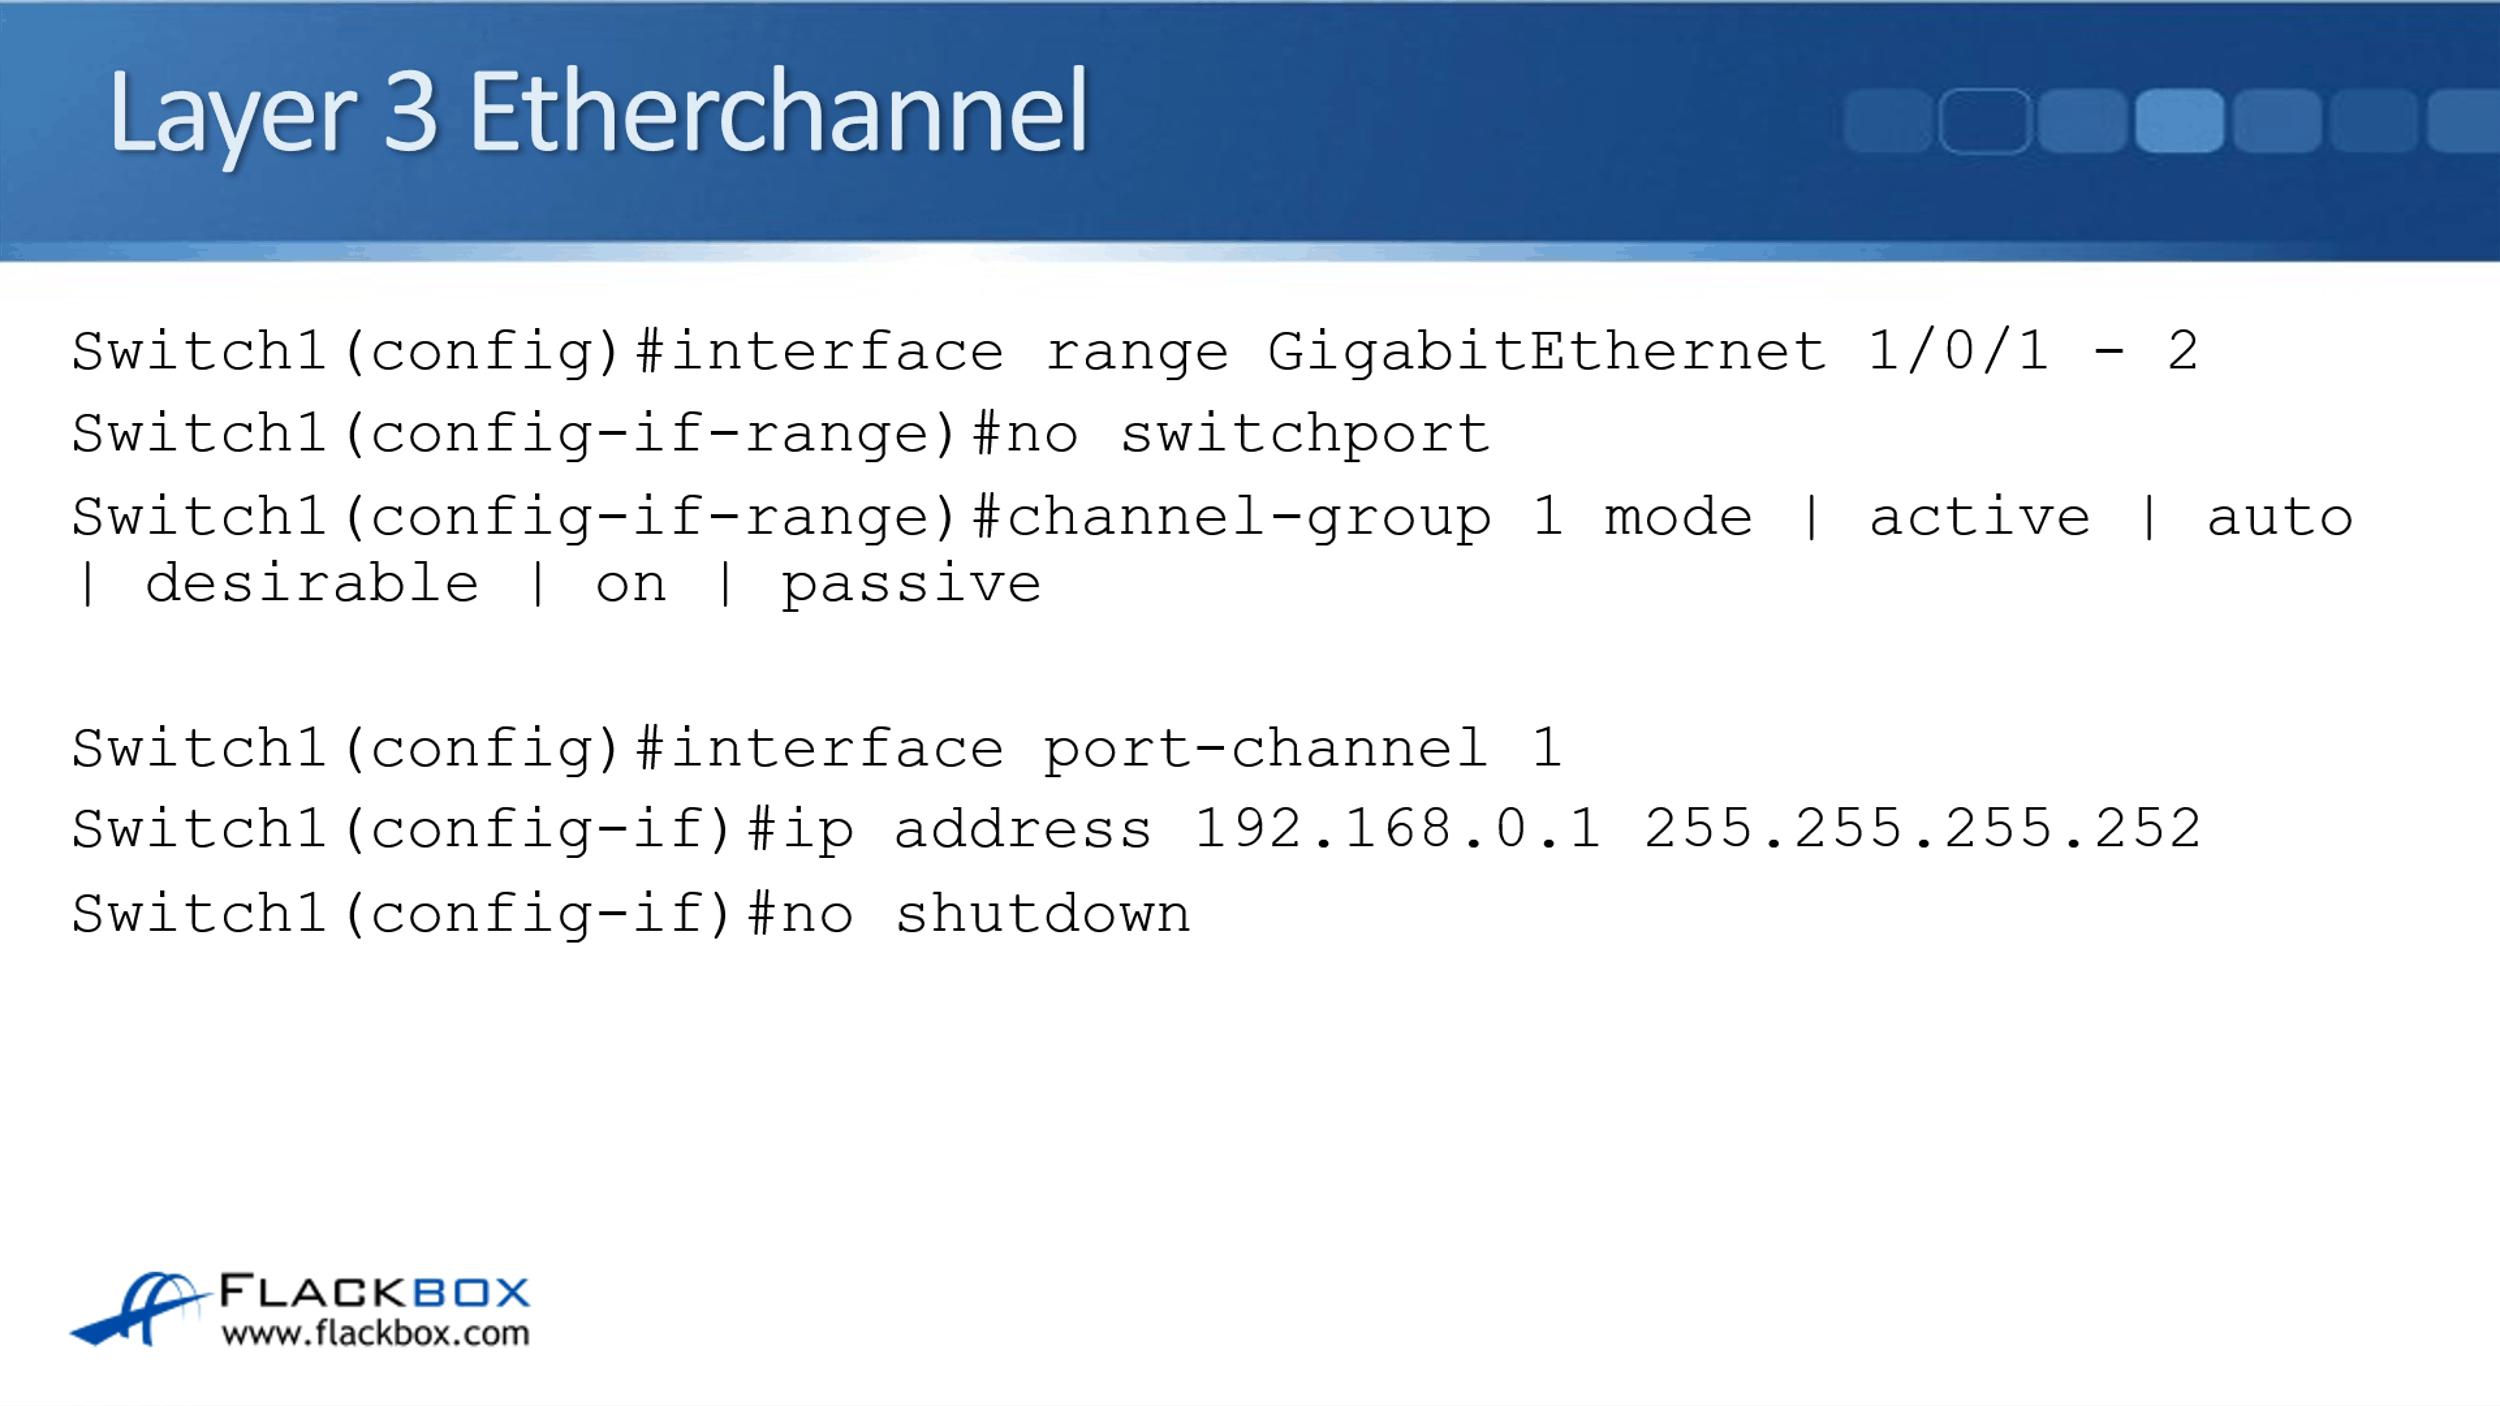 Cisco Layer 3 EtherChannel